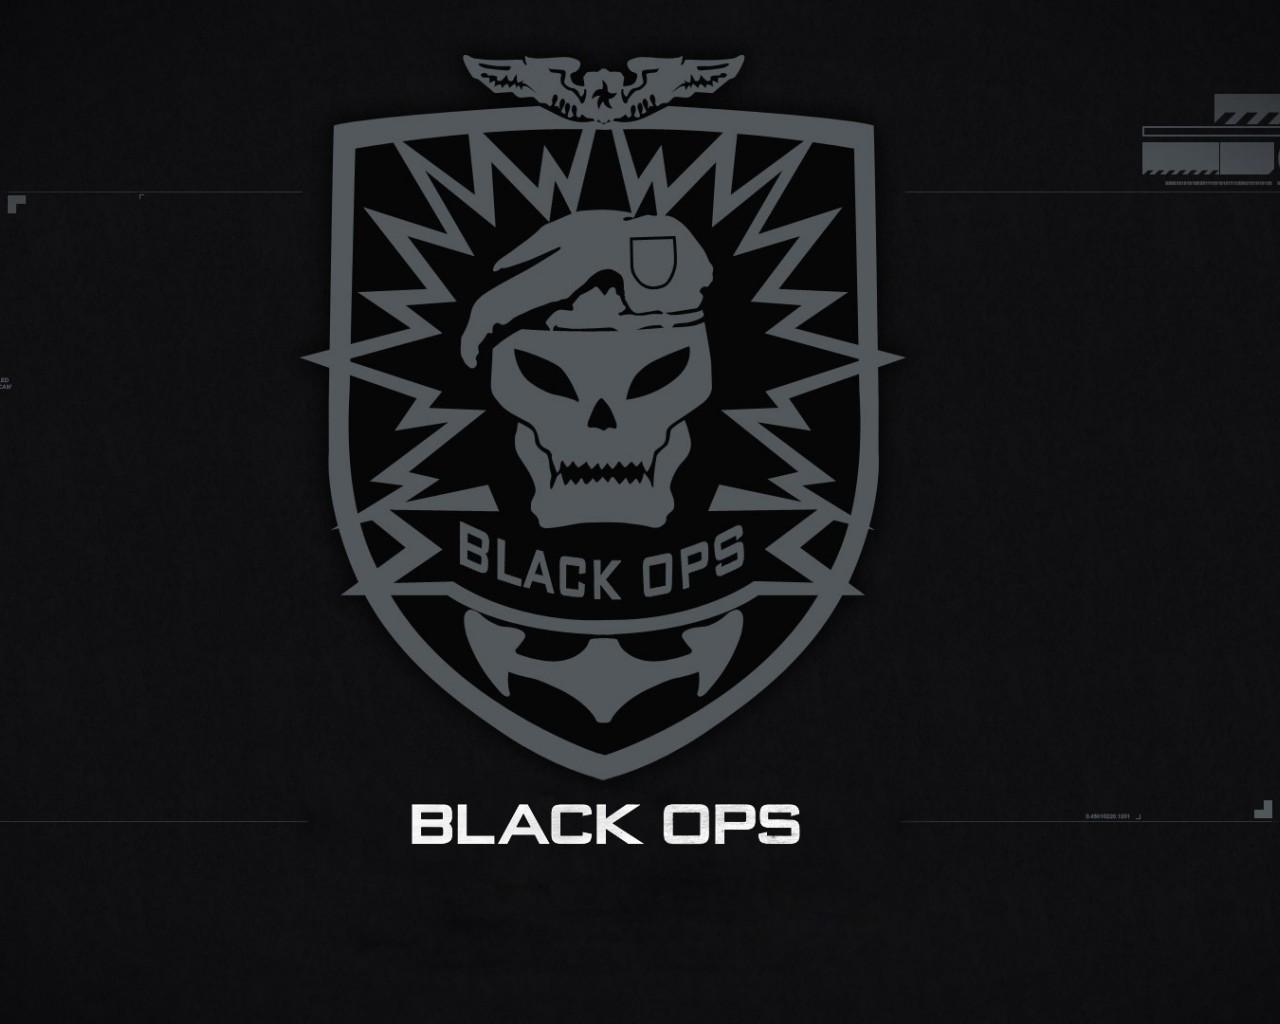 16863 Hintergrundbild herunterladen Spiele, Logos, Call Of Duty (Cod) - Bildschirmschoner und Bilder kostenlos